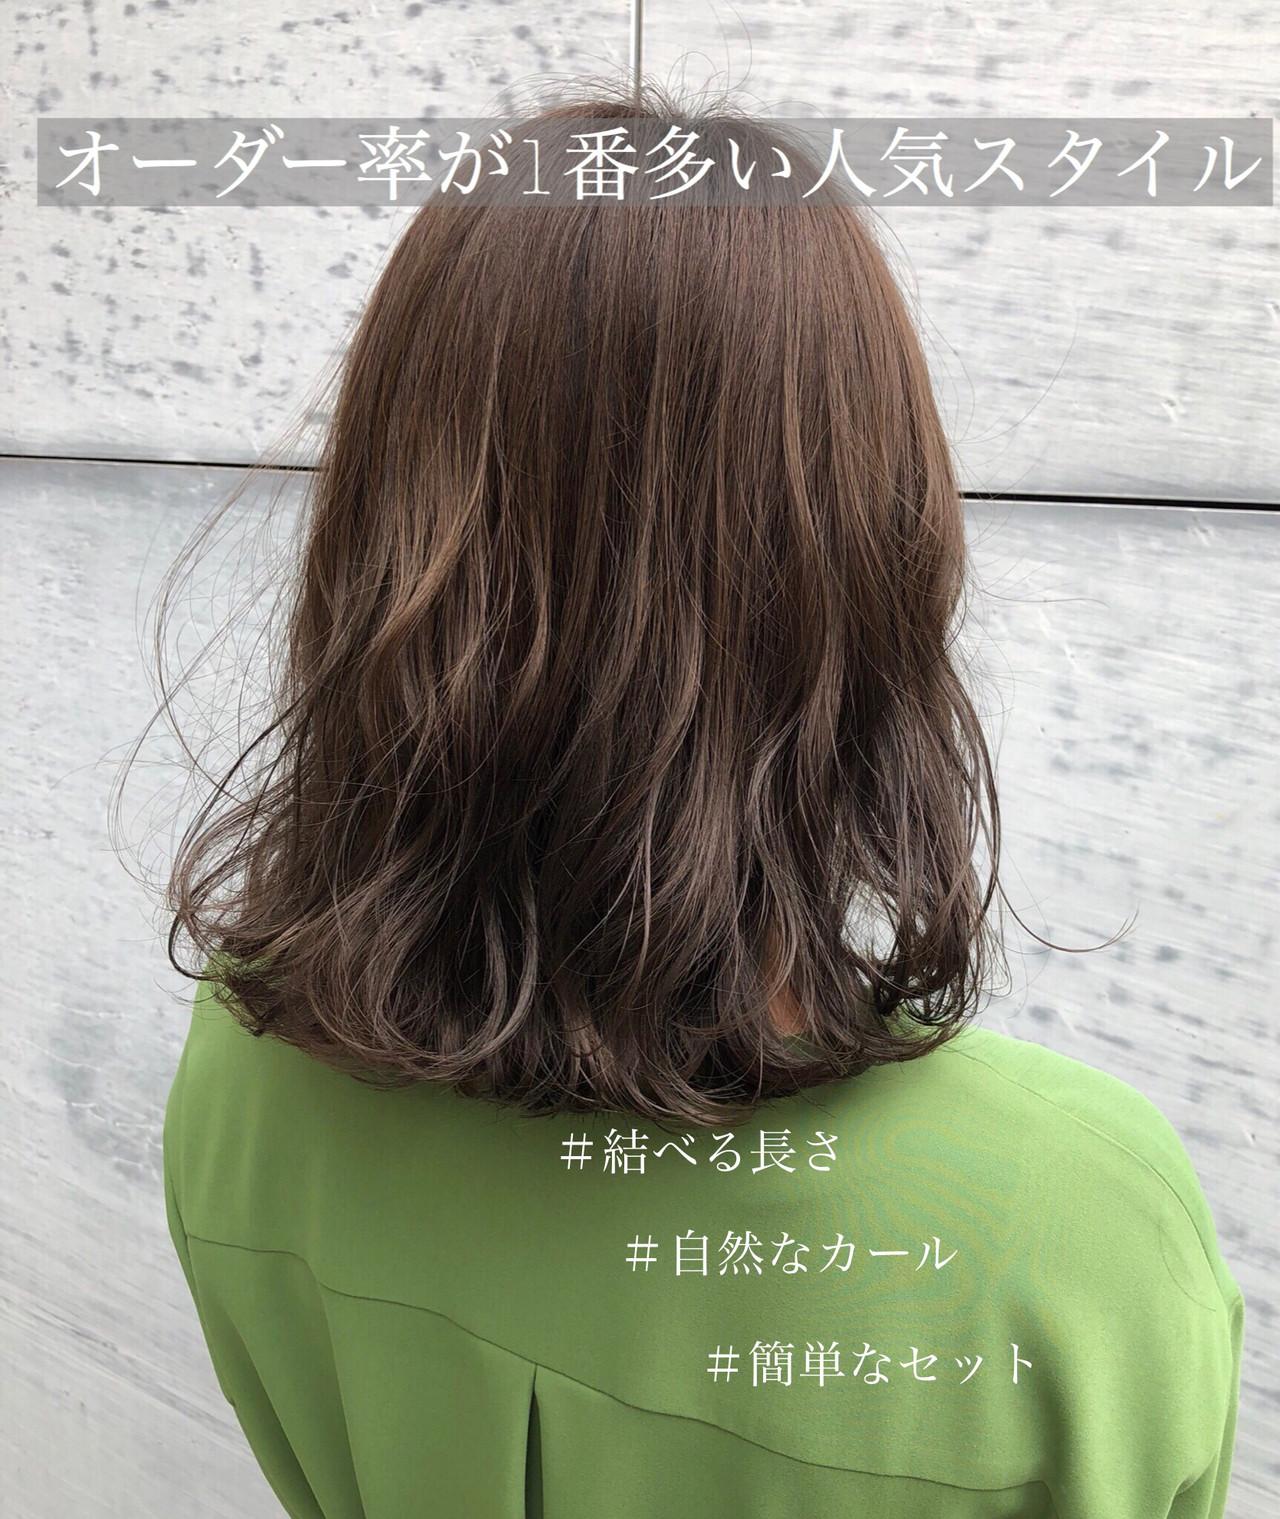 髪 多い ミディアム